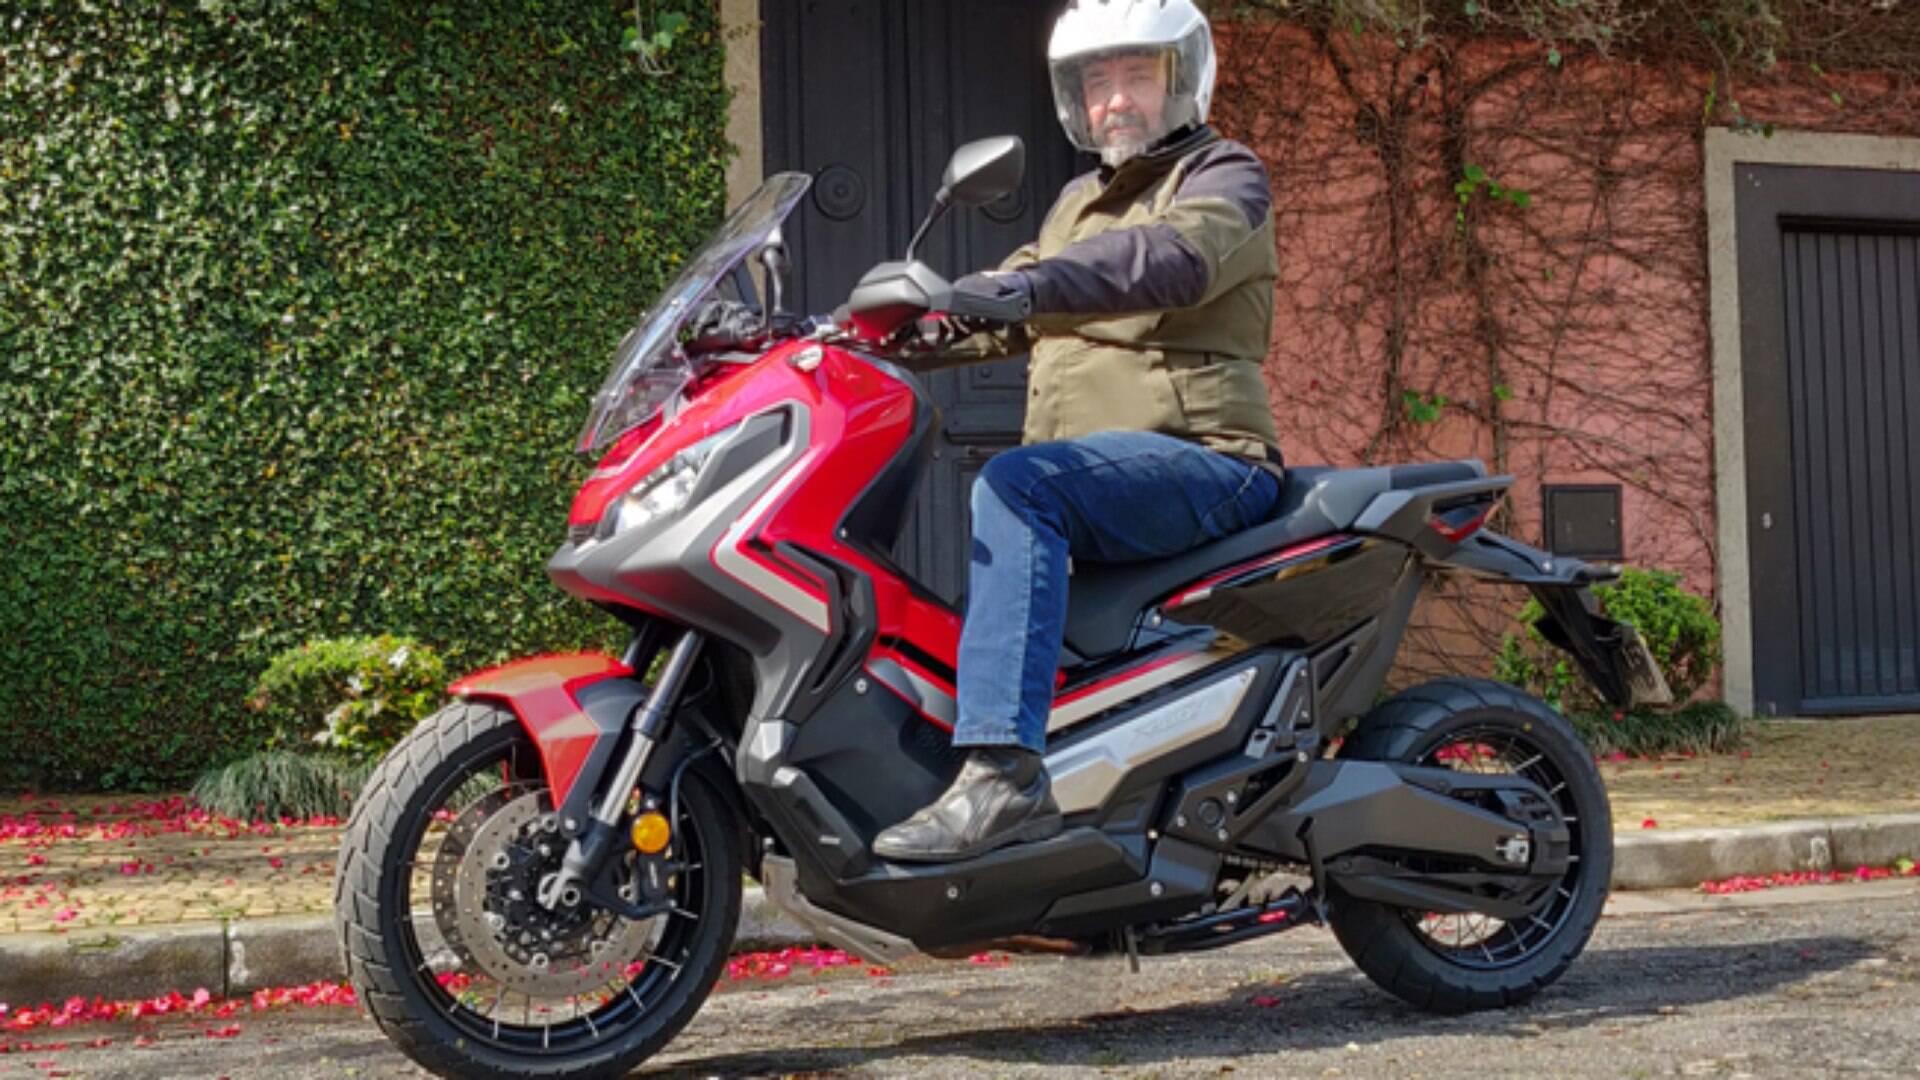 Afinal O Honda X Adv E Uma Moto Ou Um Scooter Veja A Avaliacao Cultura Da Motocicleta Ig